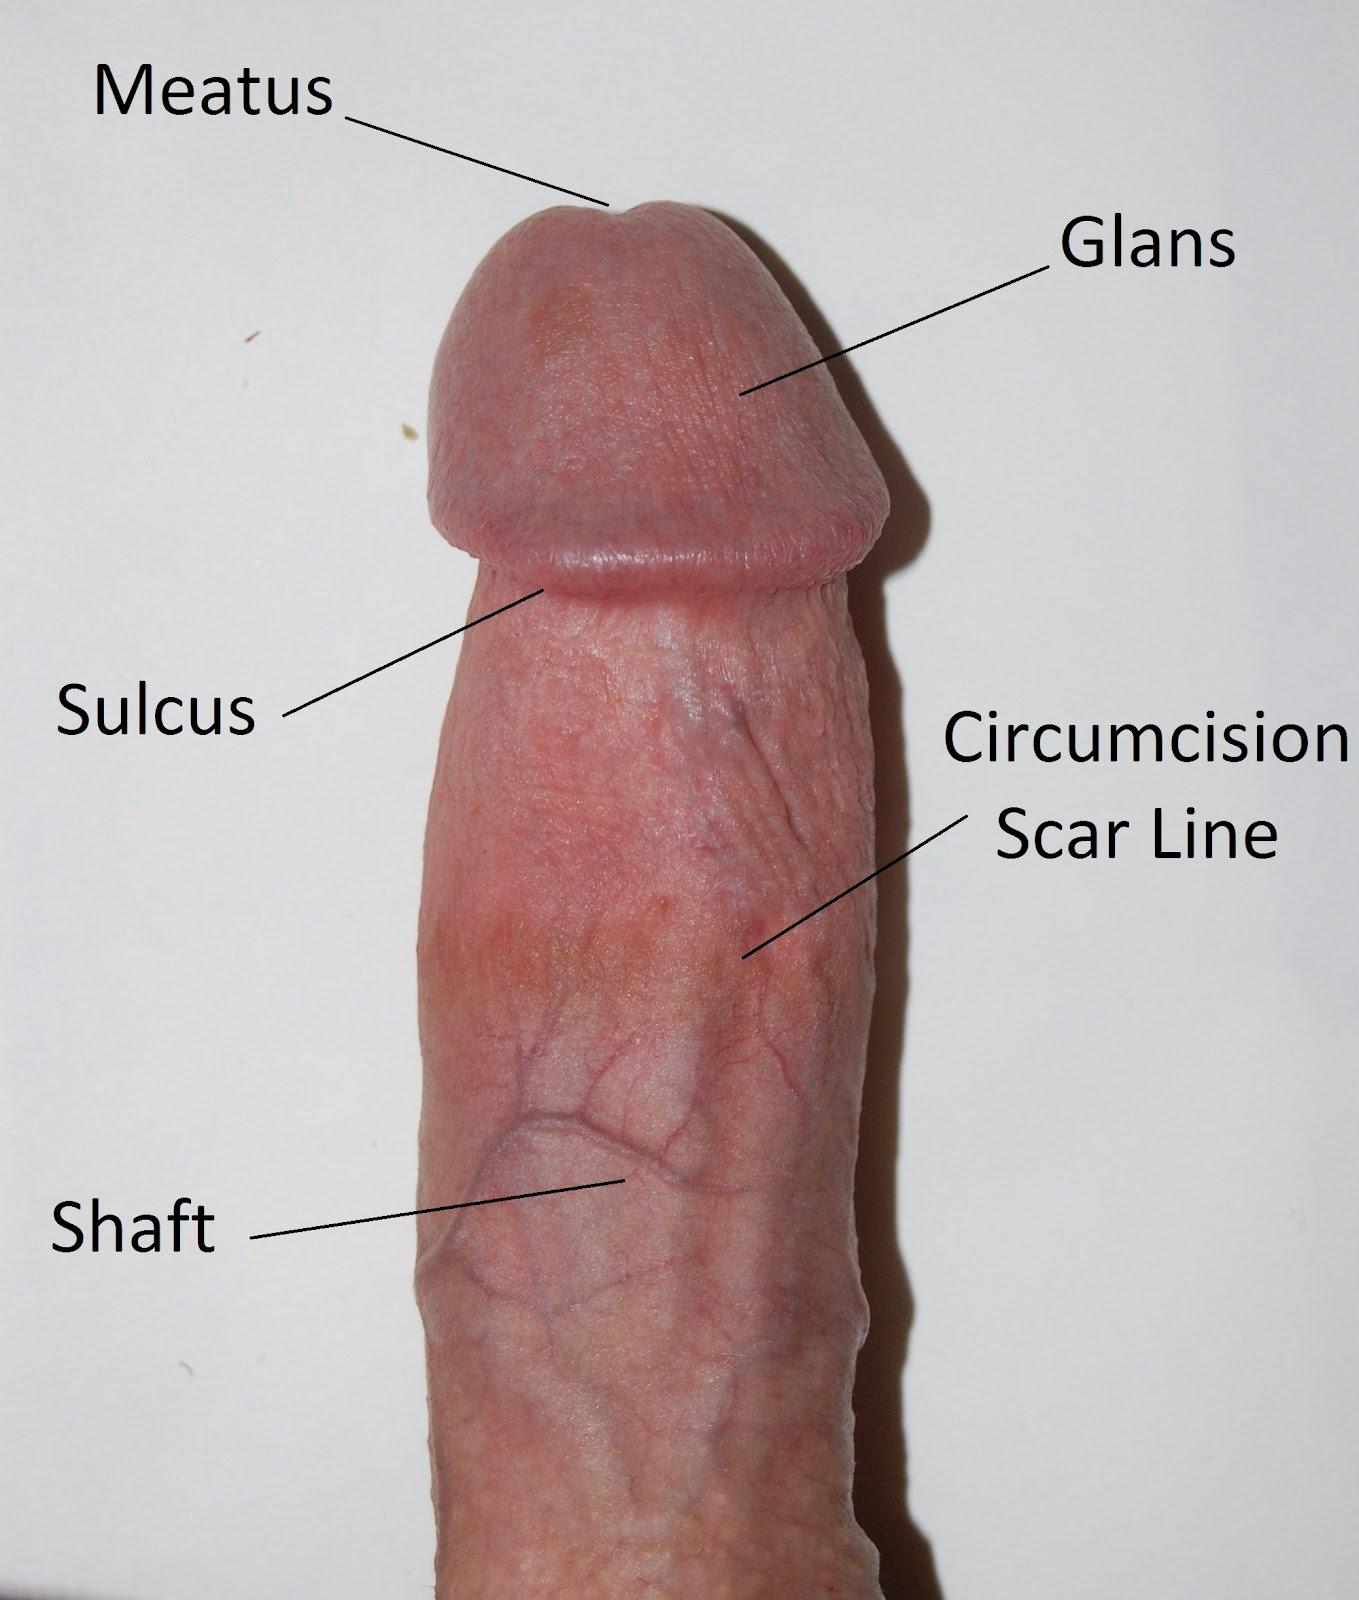 пенис википедия